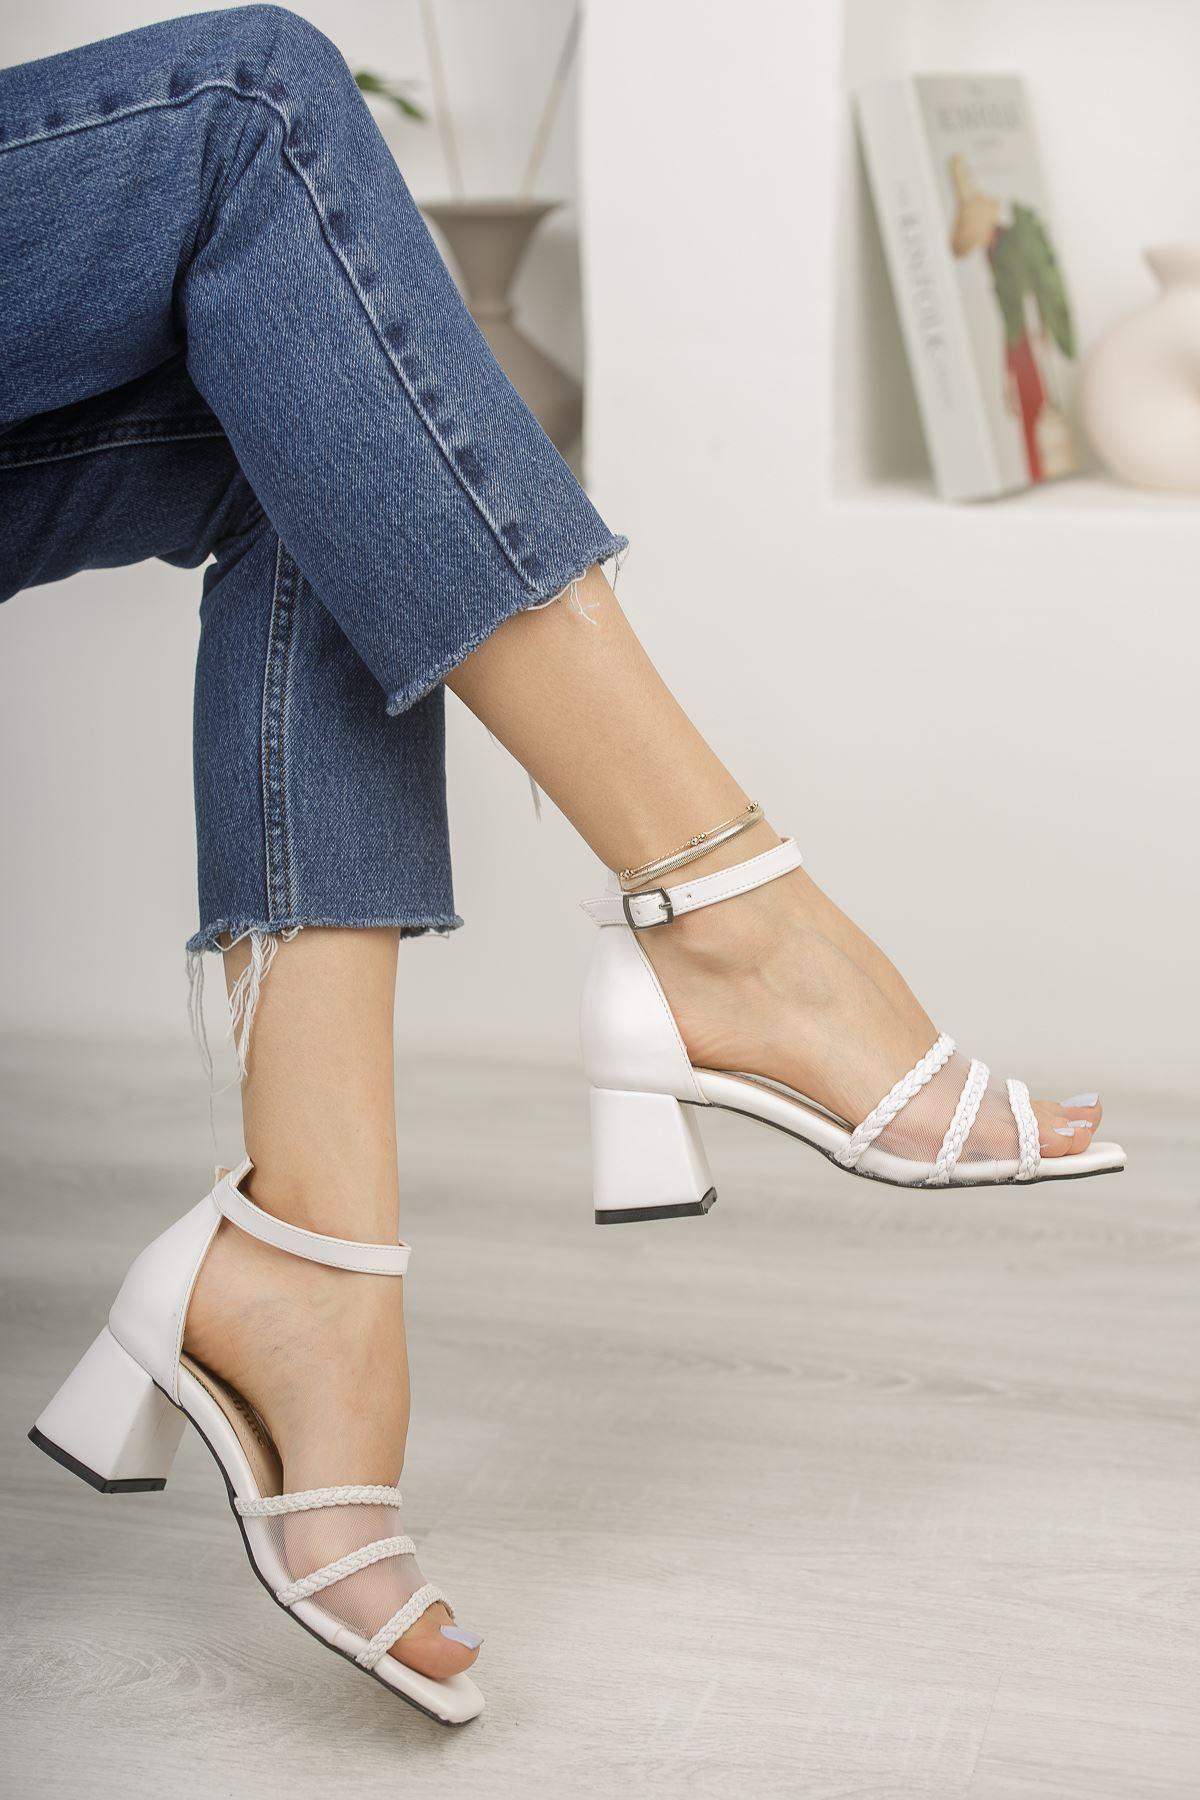 Beyaz File ve Örgü Detaylı Klasik Topuklu Ayakkabı